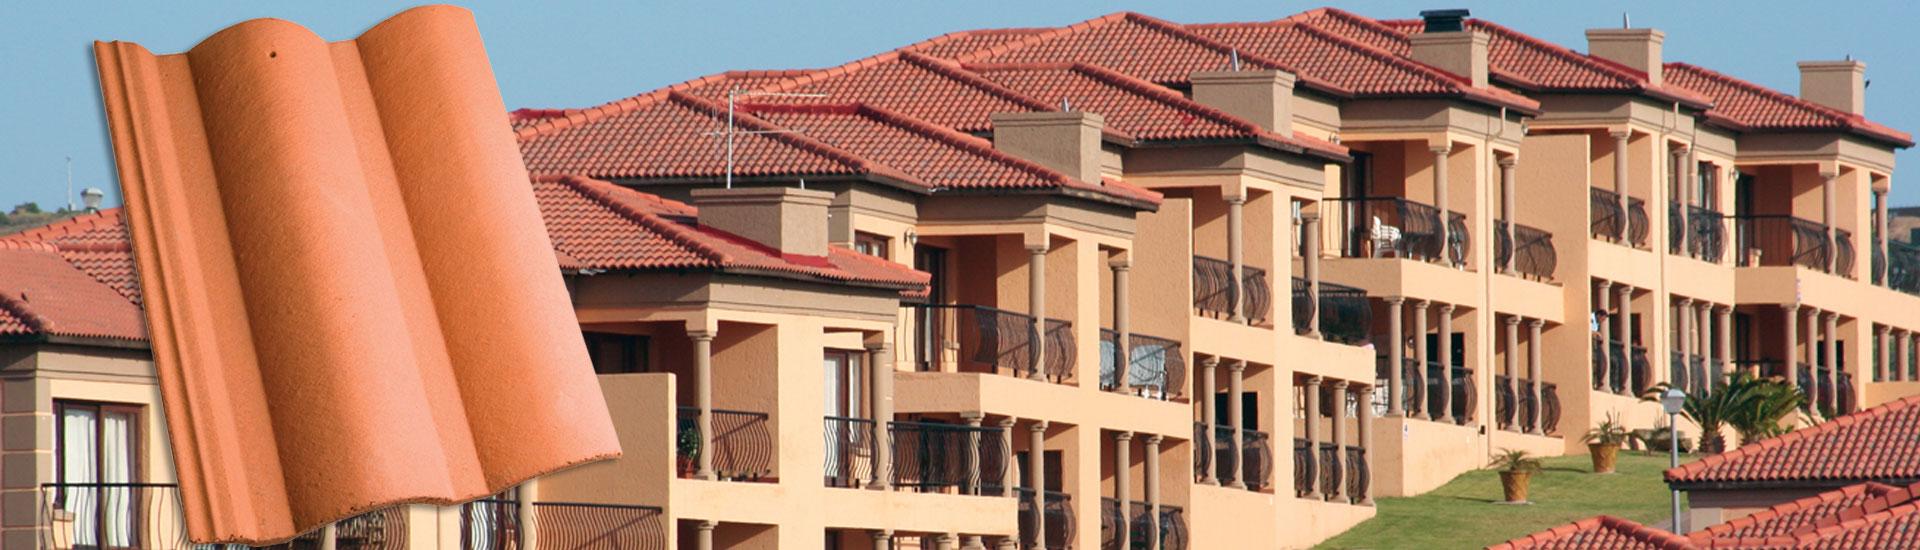 Concrete Roof Tiles Cape Town George Port Elizabeth